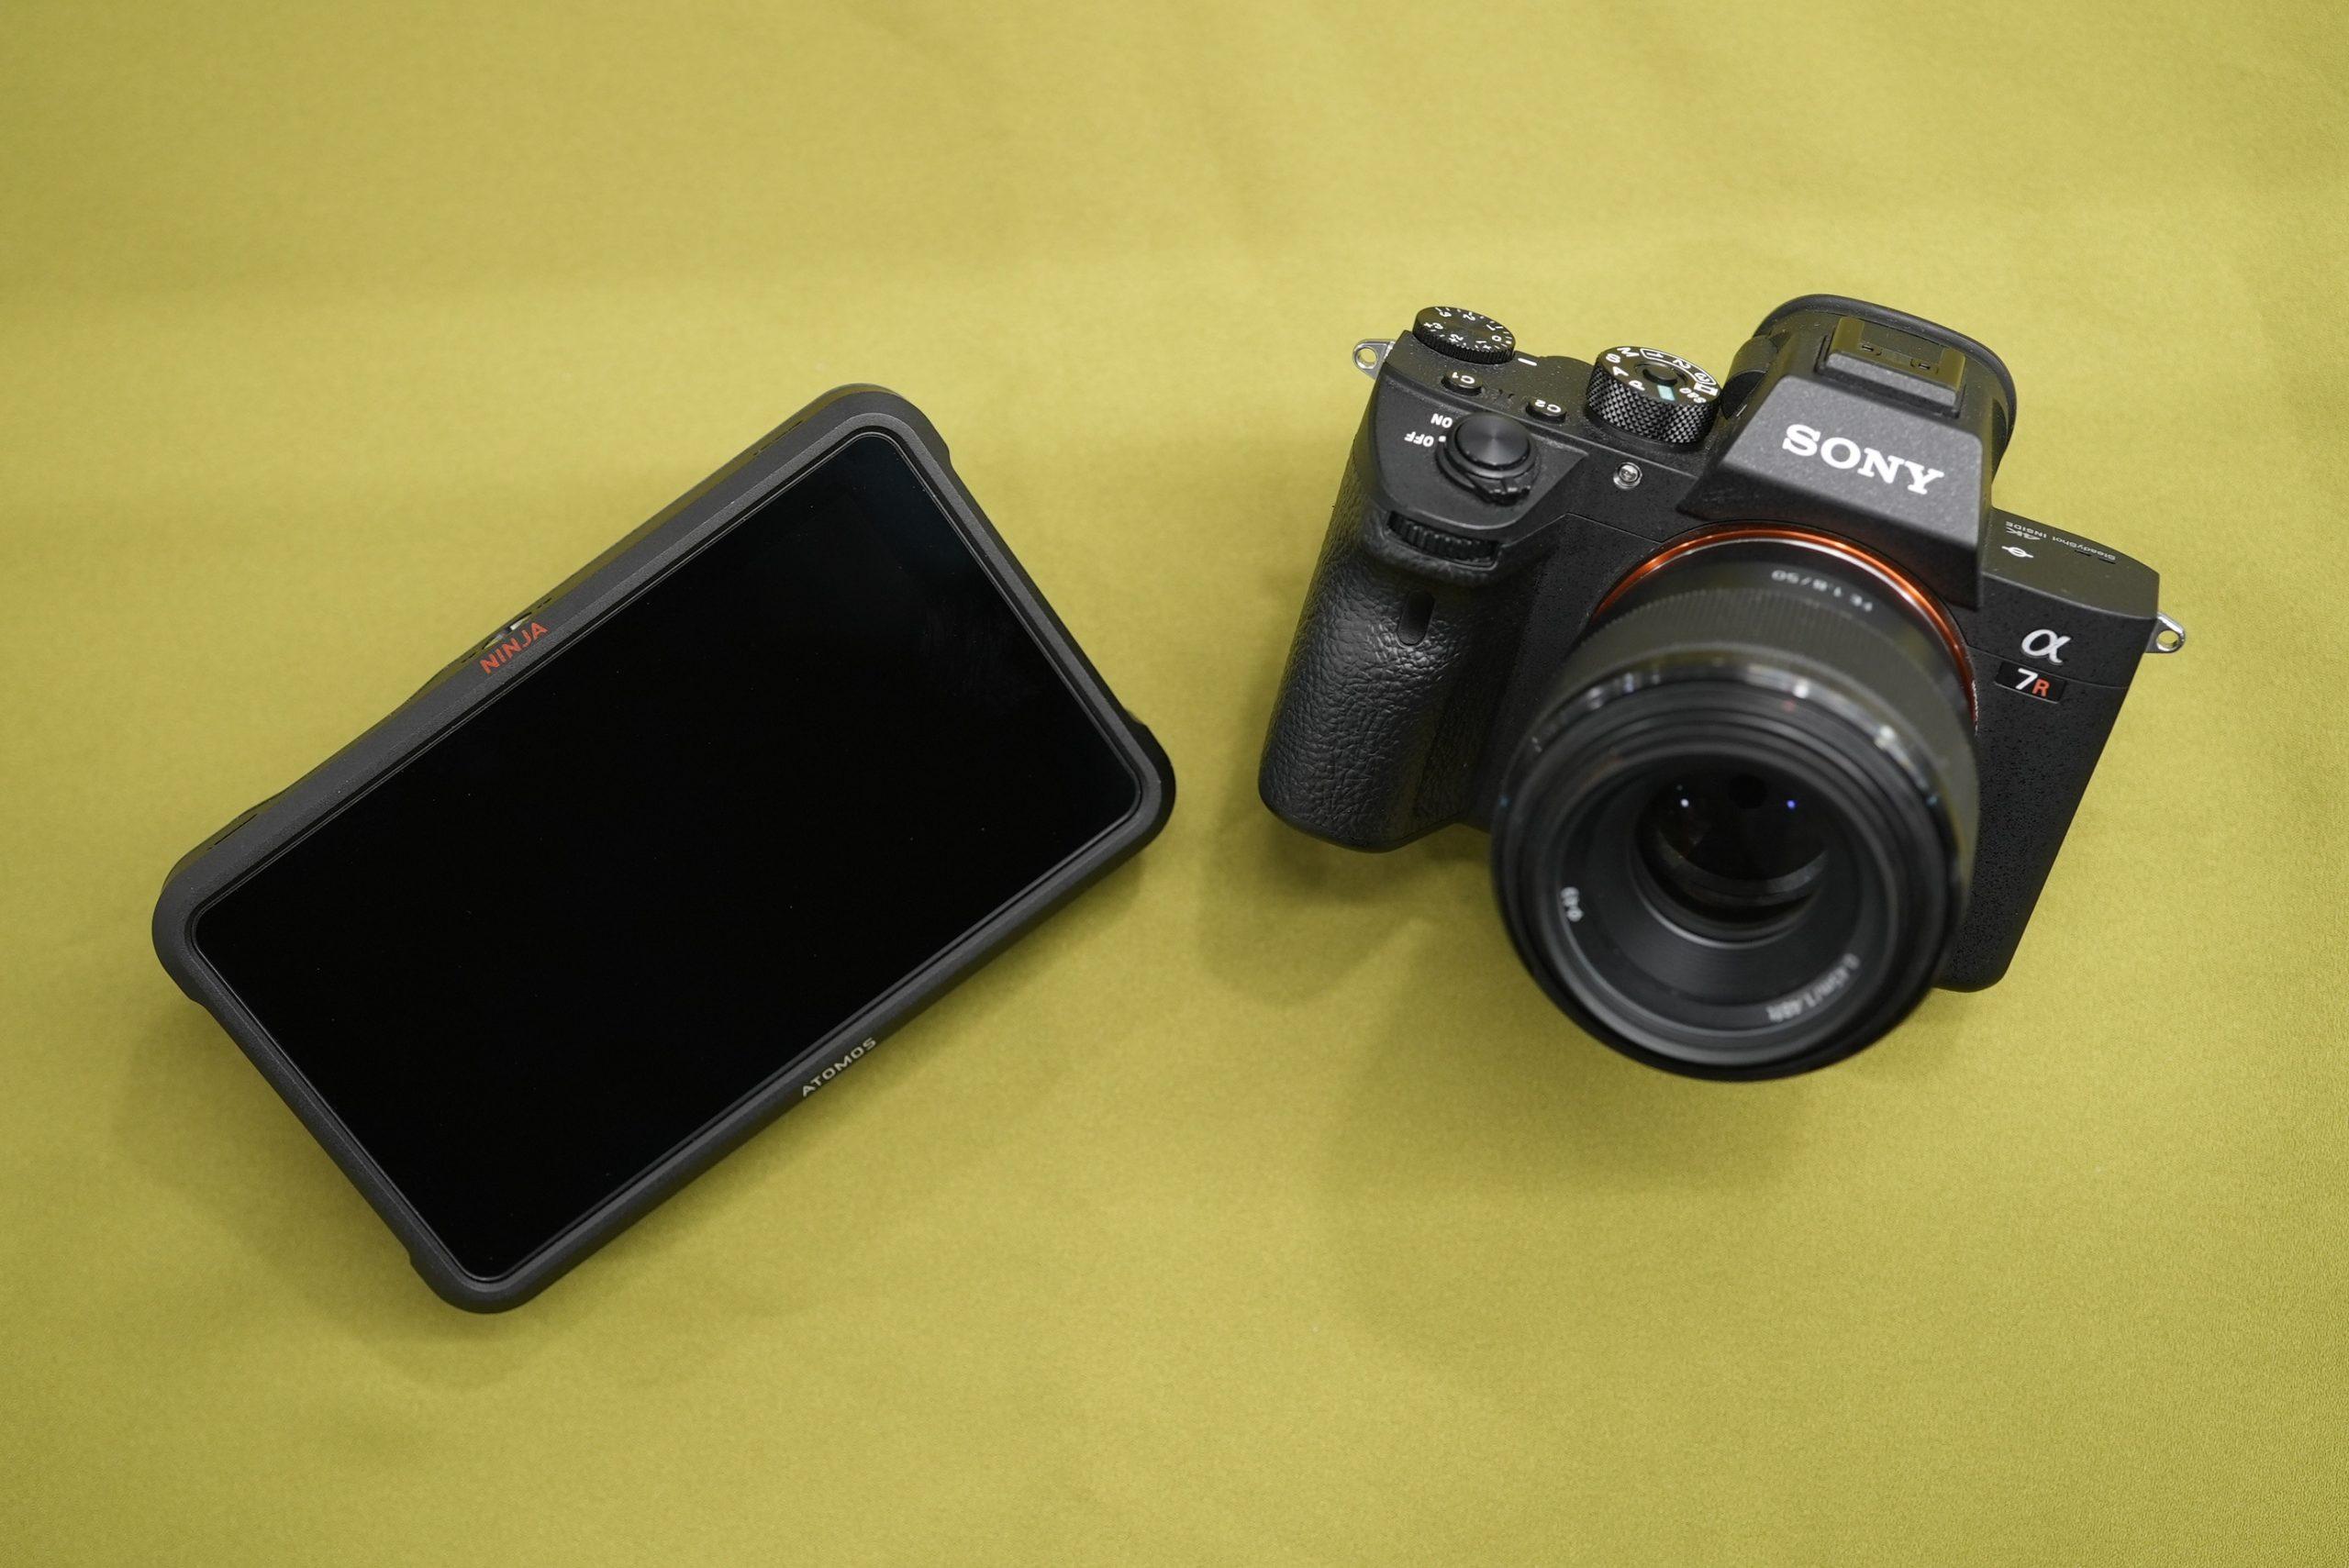 【SONY】Camera Technique Vol.19 外部モニターとHDMI設定